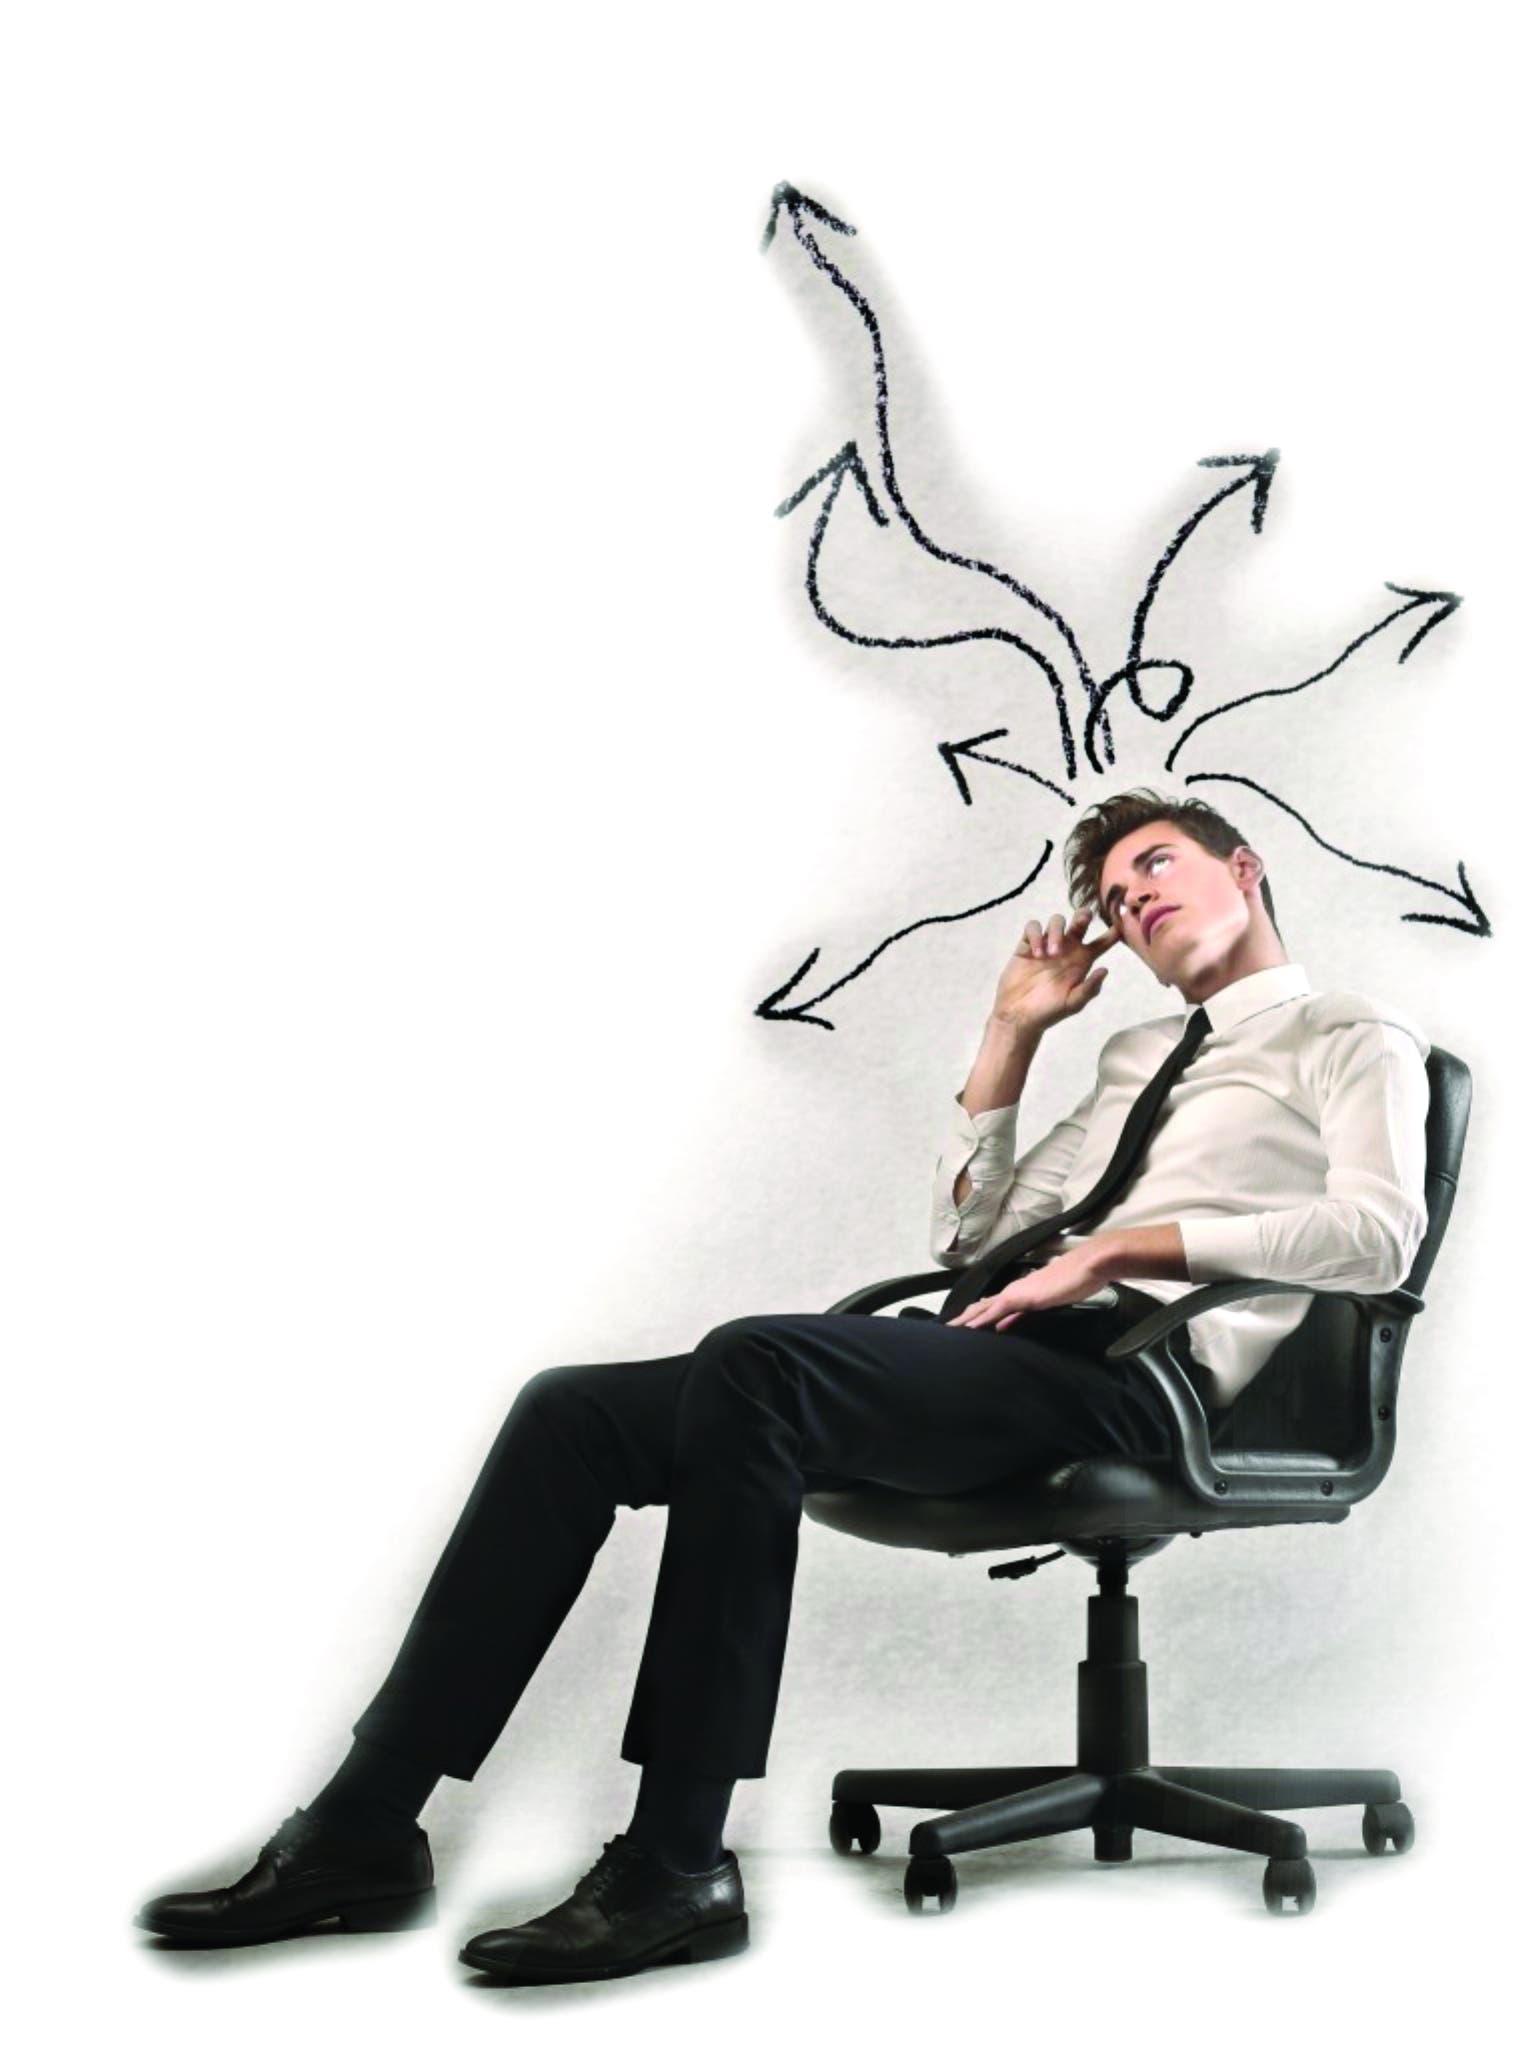 Inteligencia emocional es clave para el éxito